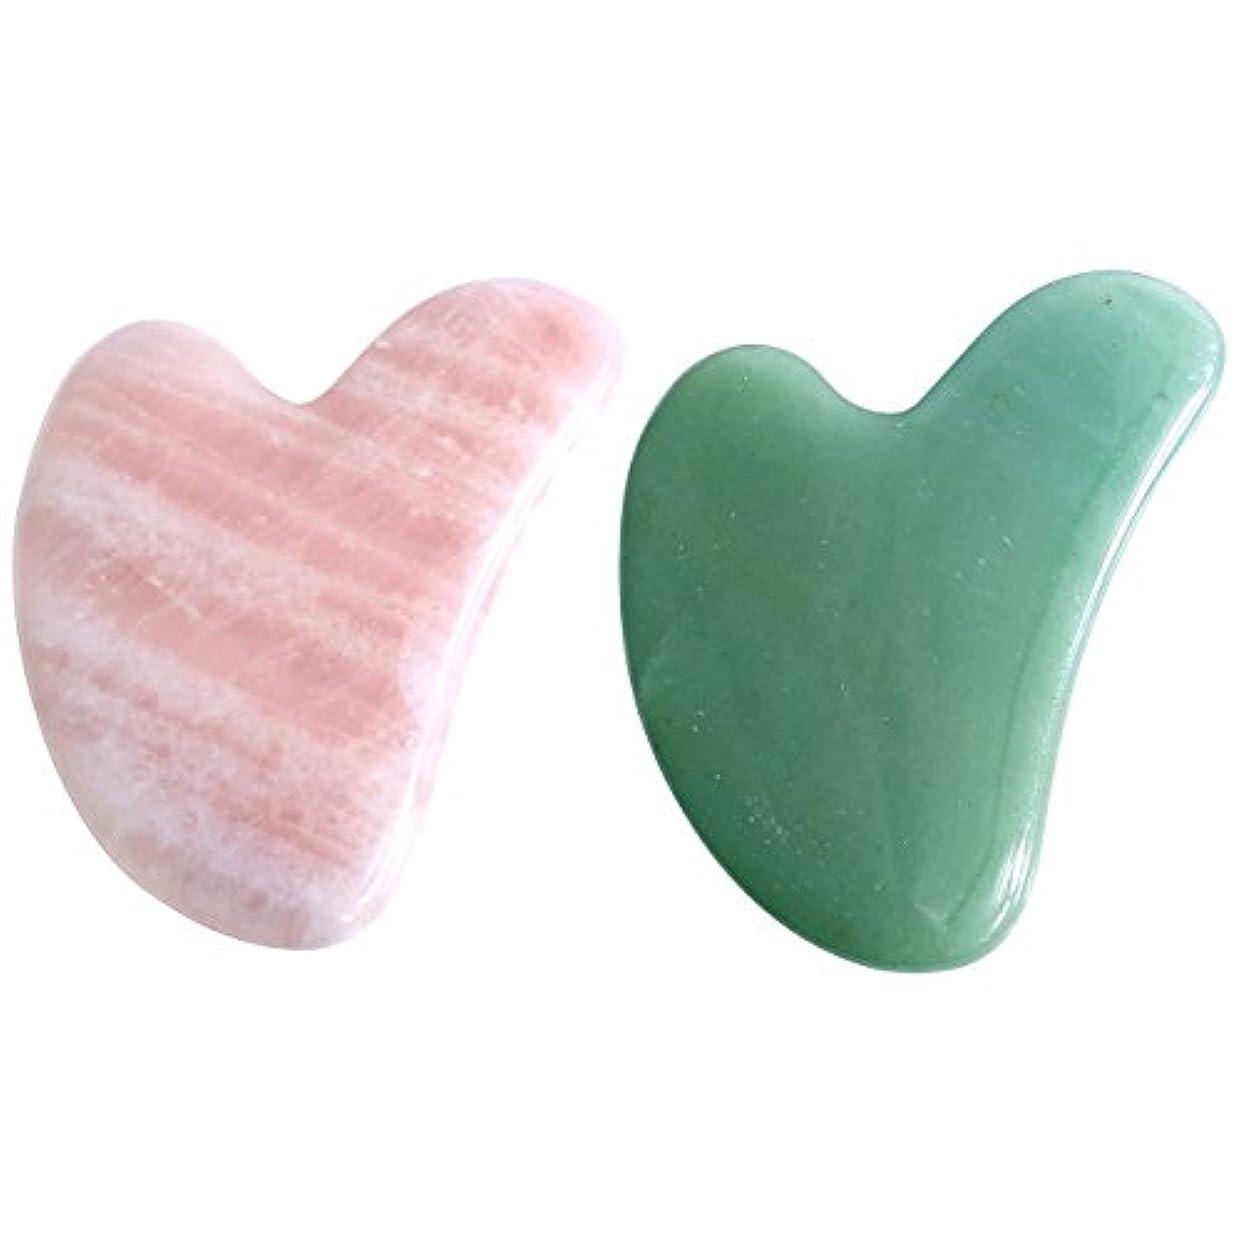 見捨てられた安息論争2点セット2pcsFace / Body Massage rose quartz/ Adventurine heart shape Gua Sha 心臓の/ハート形状かっさプレート 天然石ローズクォーツ 翡翠,顔?ボディ...